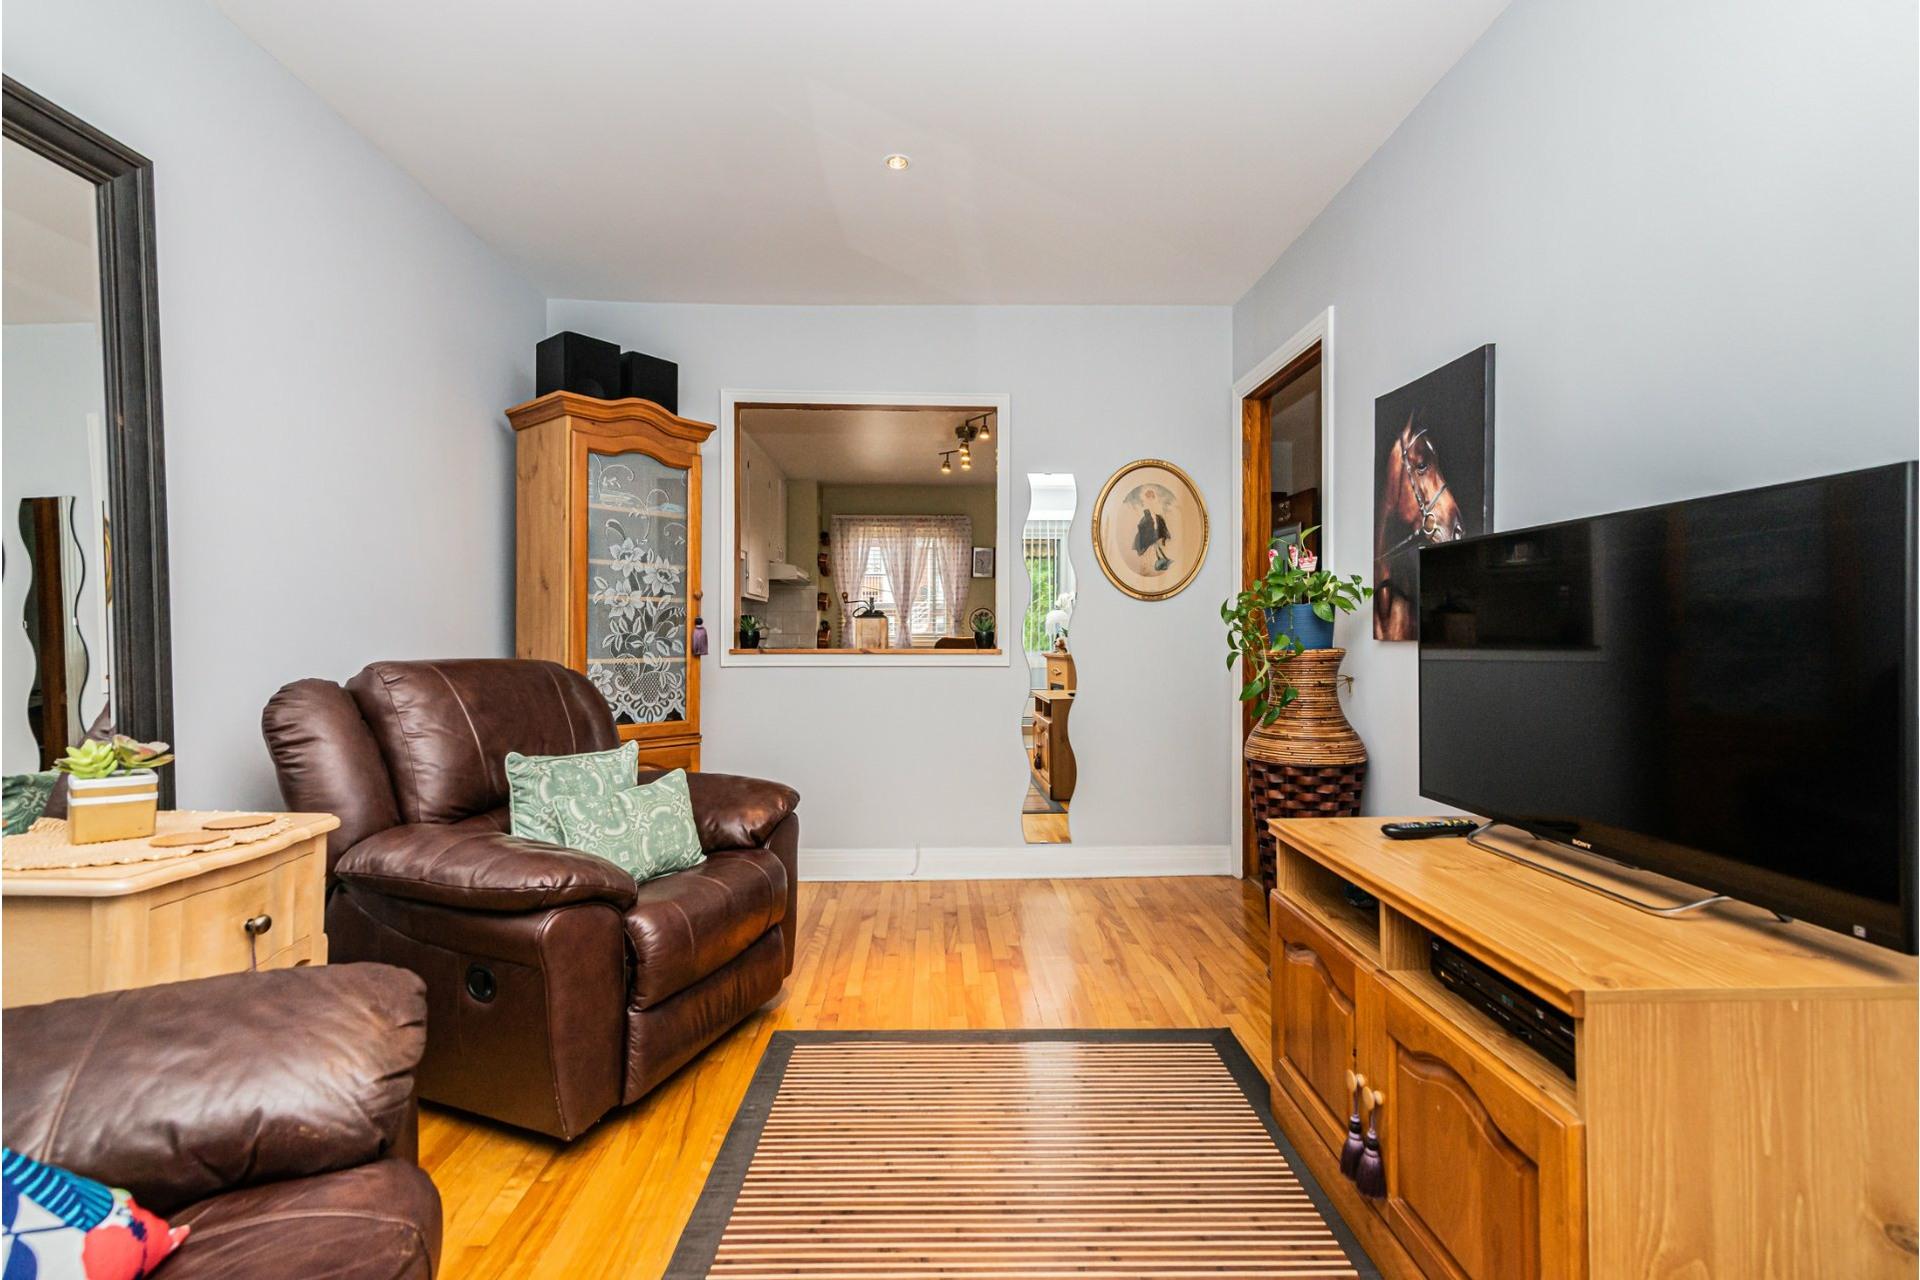 image 20 - Duplex À vendre Mercier/Hochelaga-Maisonneuve Montréal  - 4 pièces